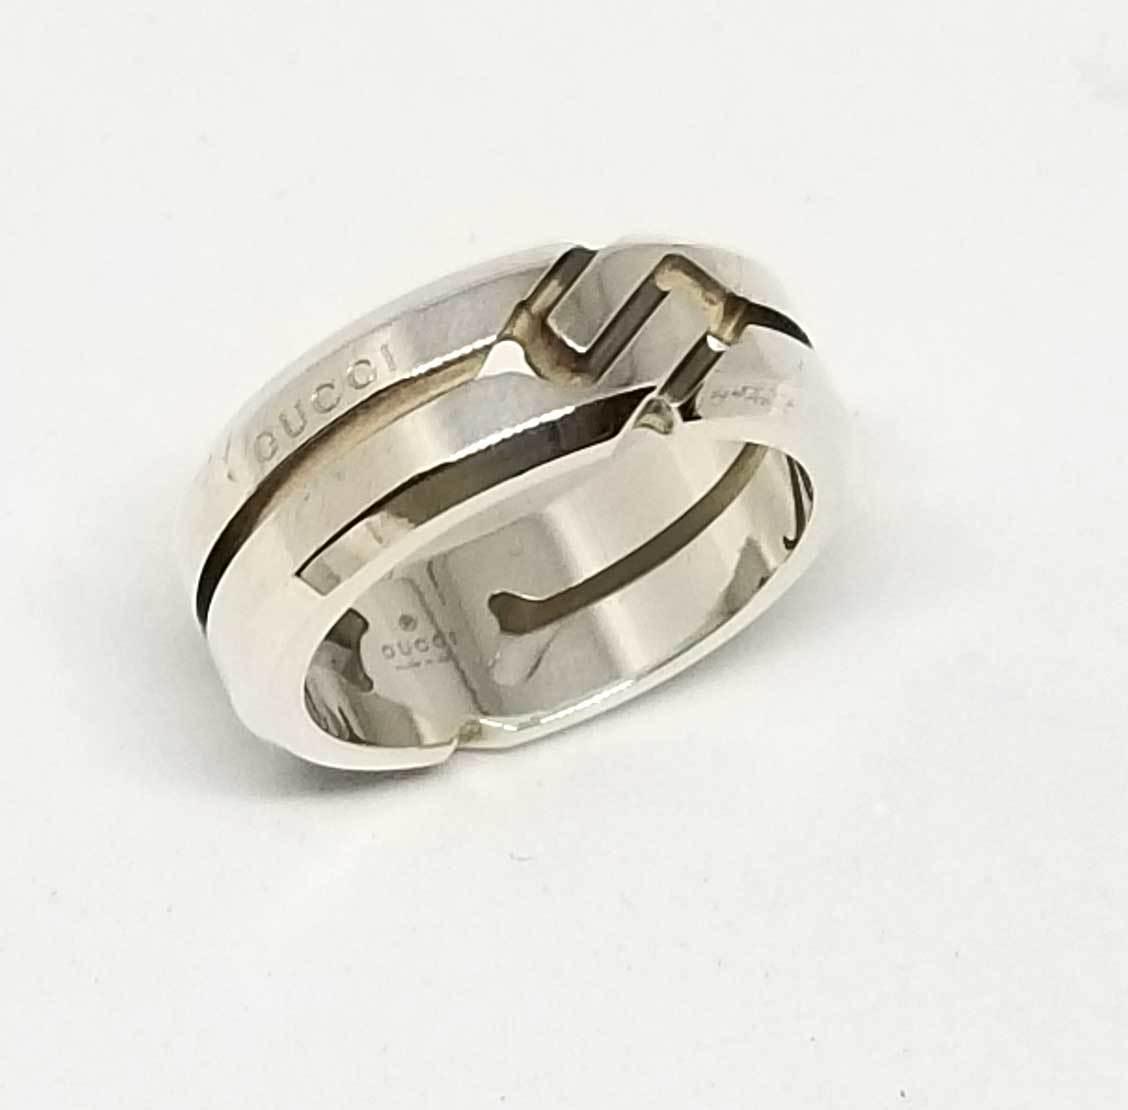 グッチ ノットリング 指輪 シルバー リング 13 約12号 レディース メンズ シルバー925 GUCCI 【中古】